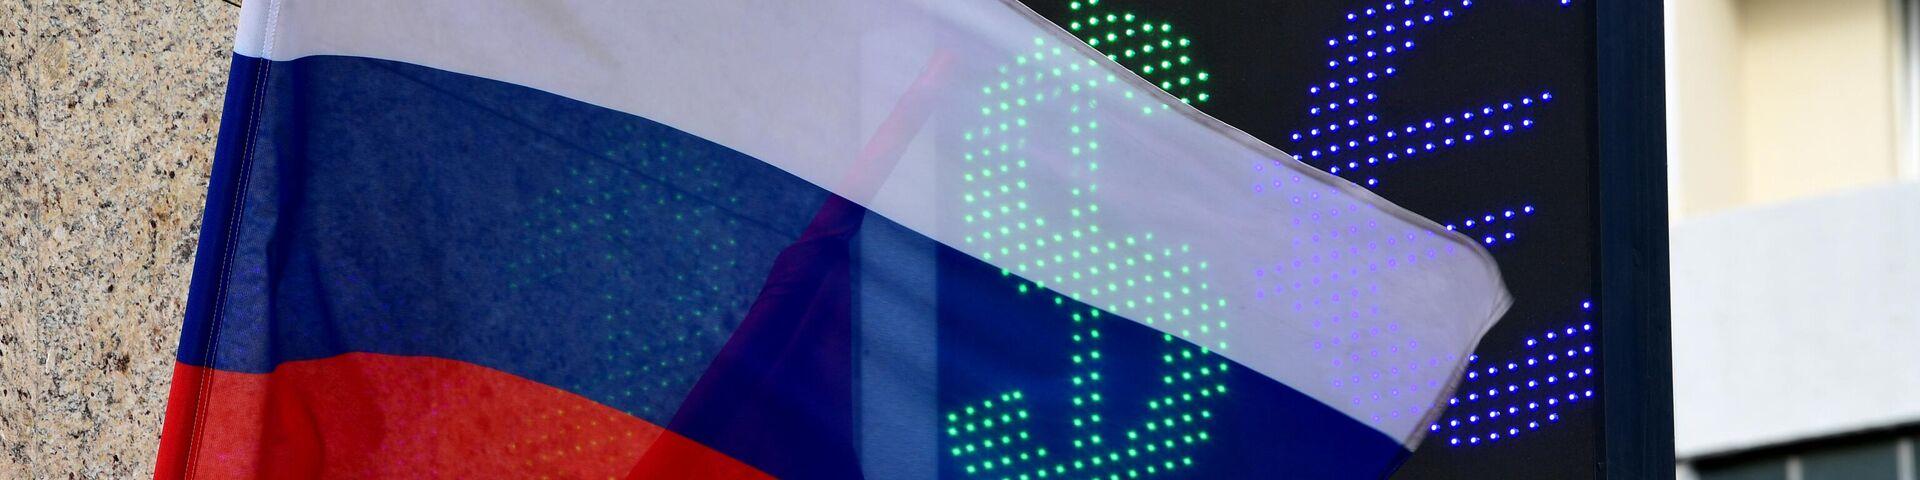 Знаки евро и доллара на табло курса валют в Москве - РИА Новости, 1920, 09.03.2020